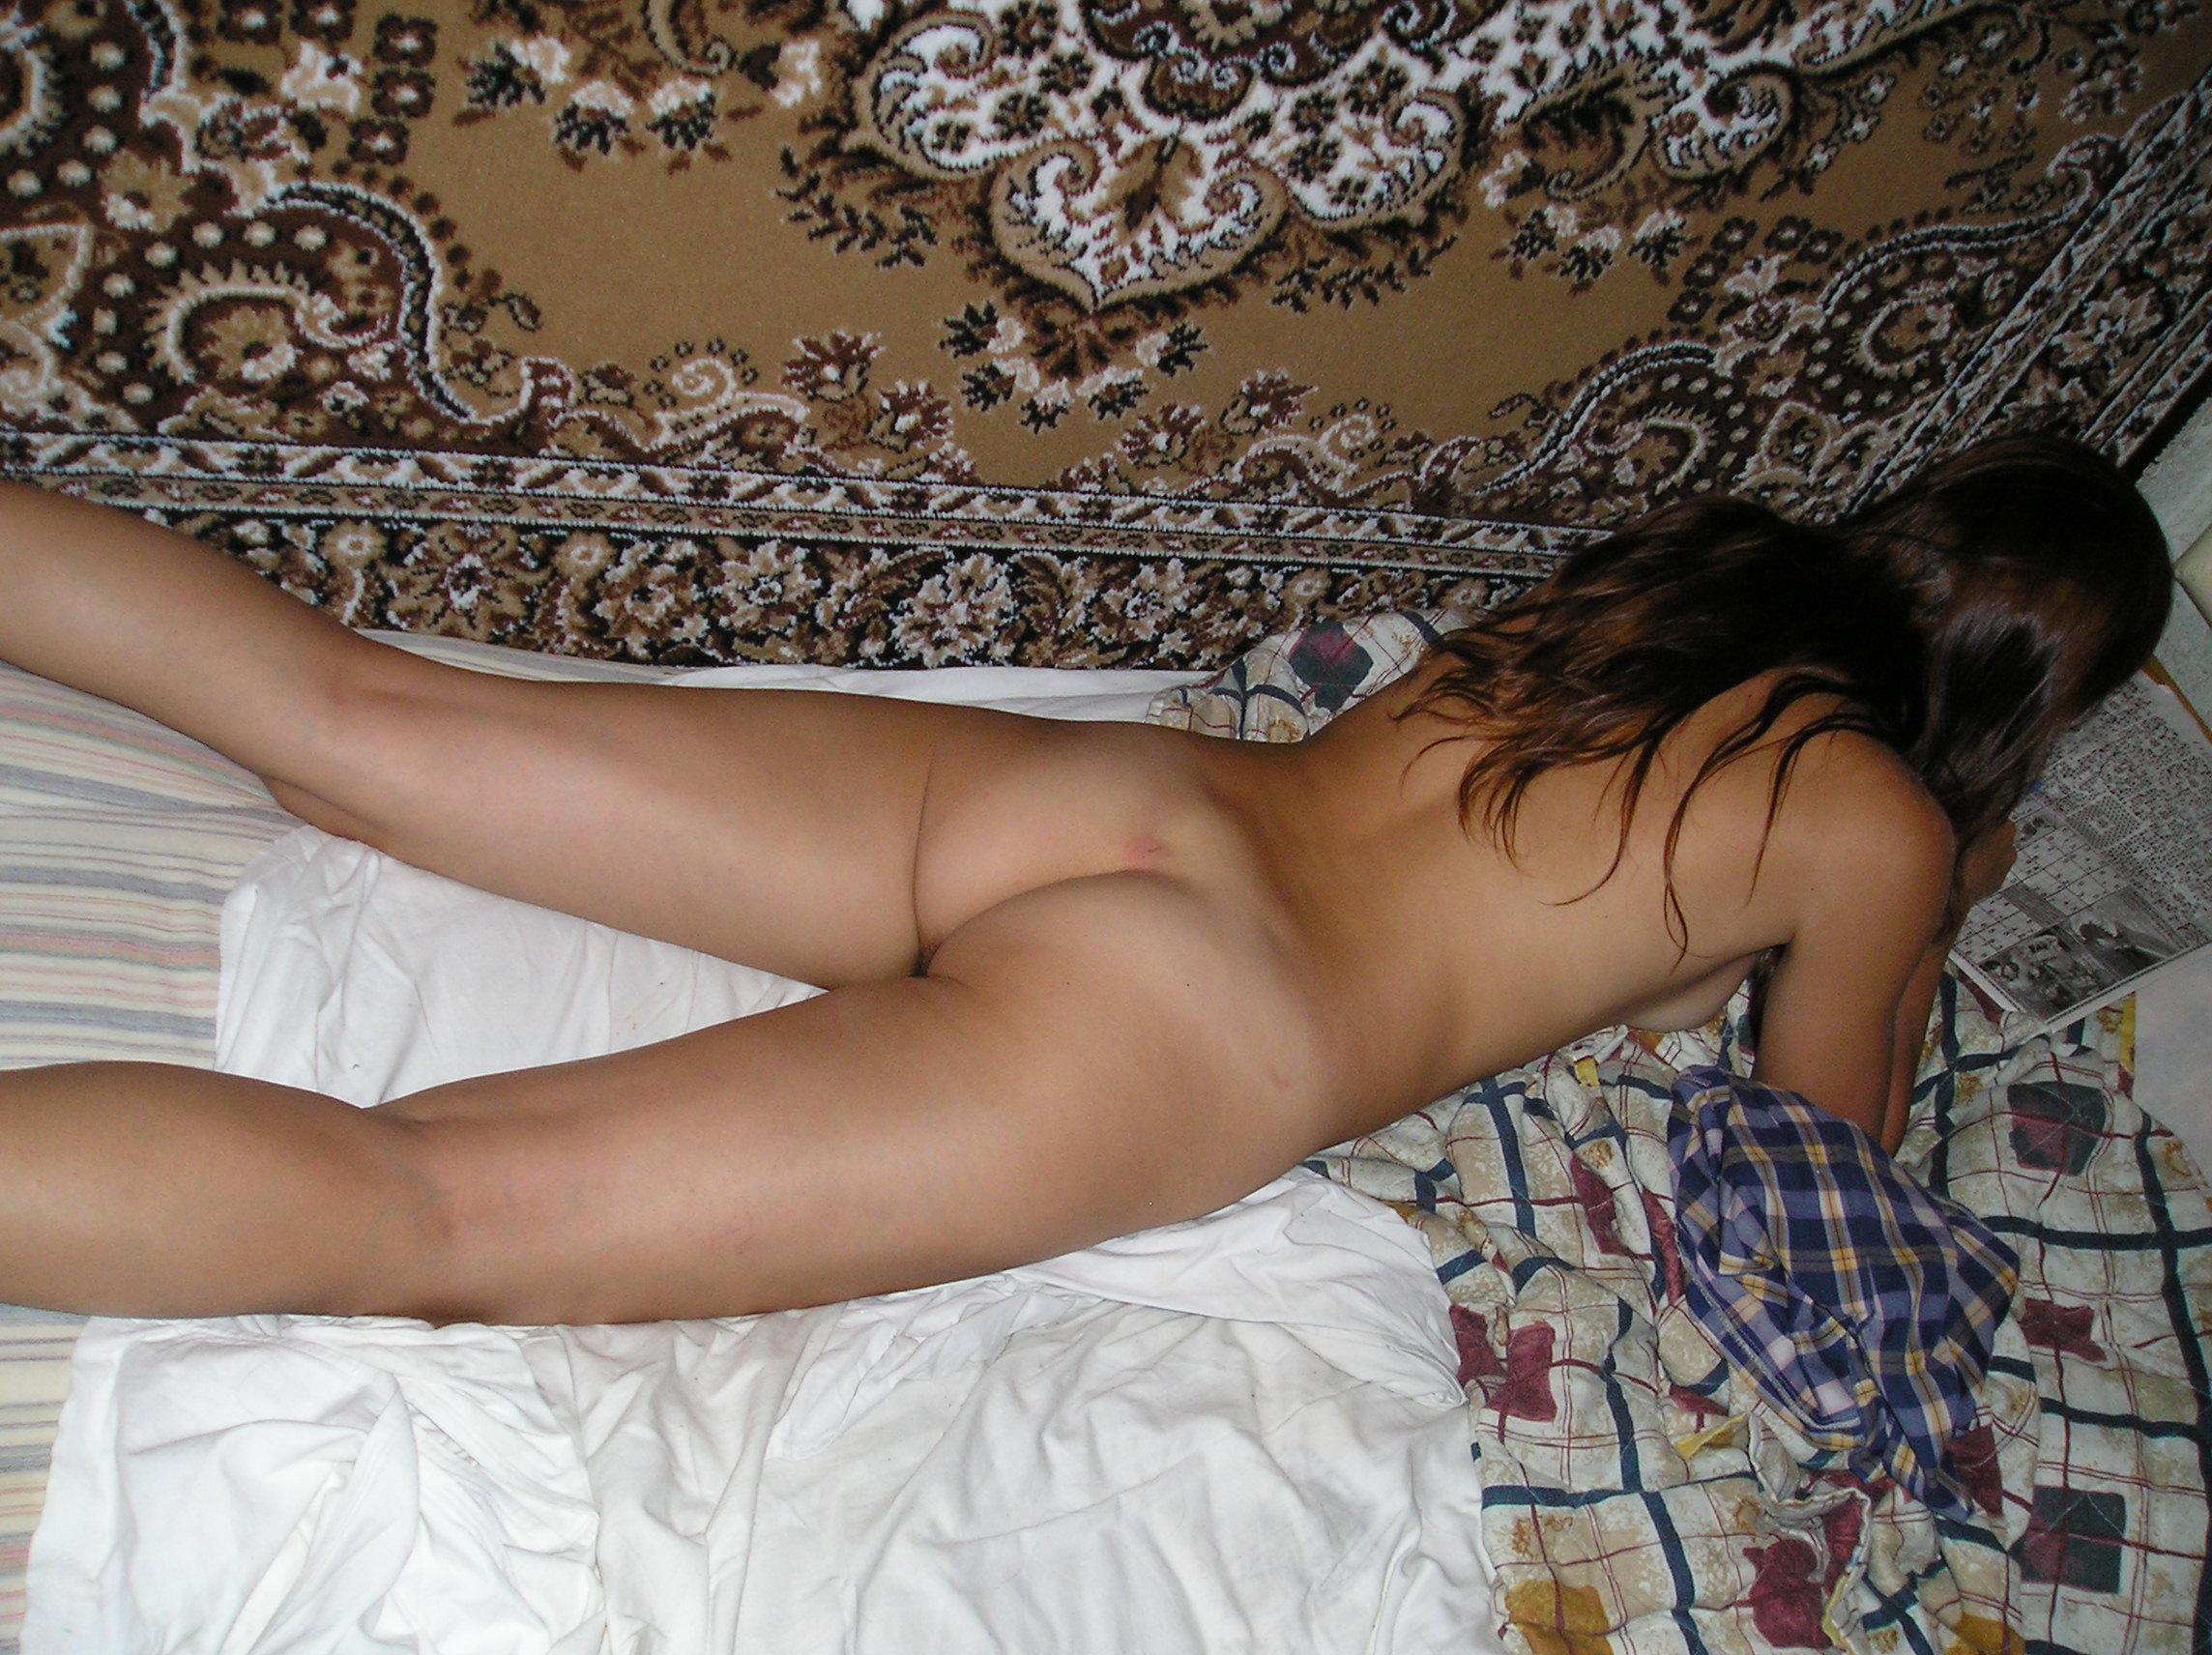 Русское порно бляди ругаются матом 6 фотография